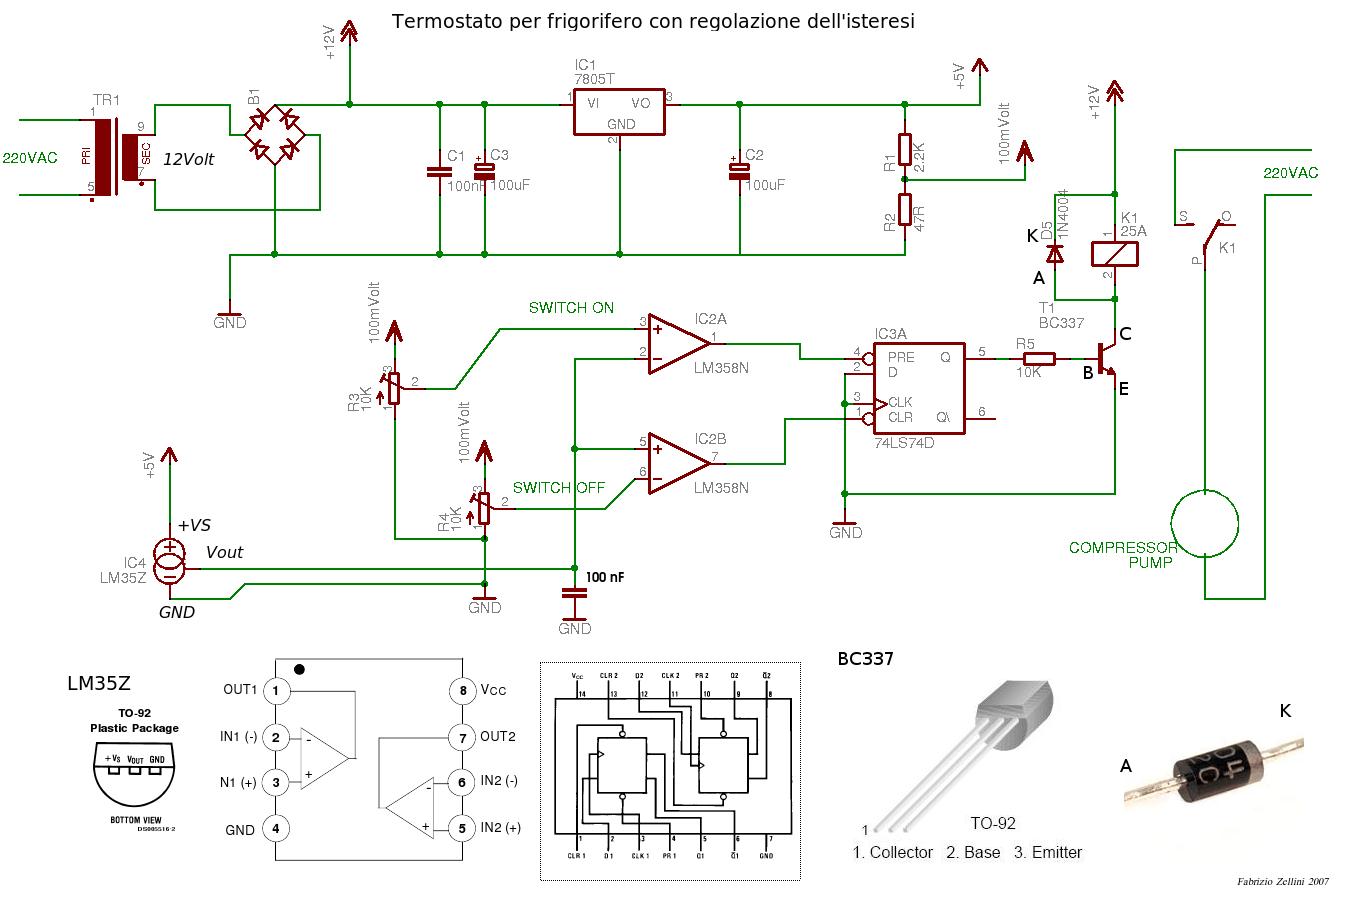 Un termostato per frigorifero con regolazione dellisteresi